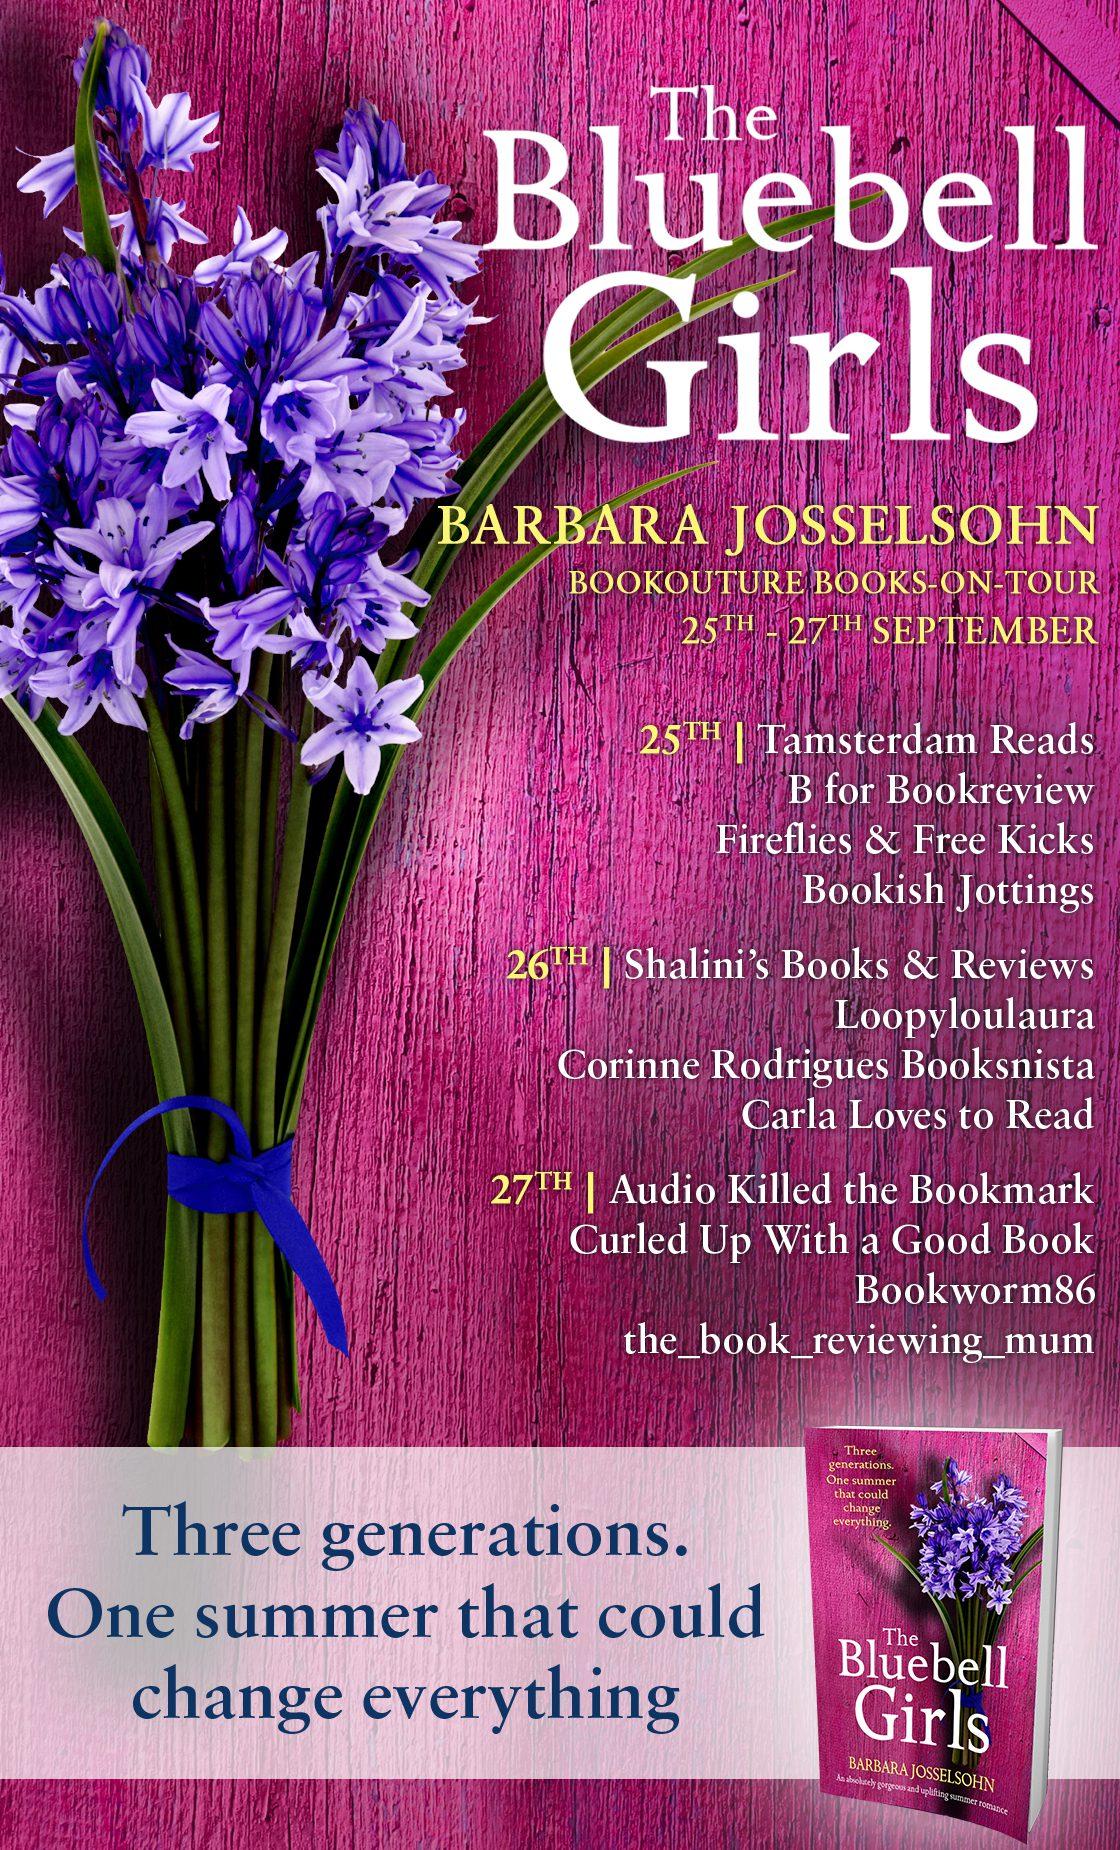 The Bluebell Girls blog tour banner